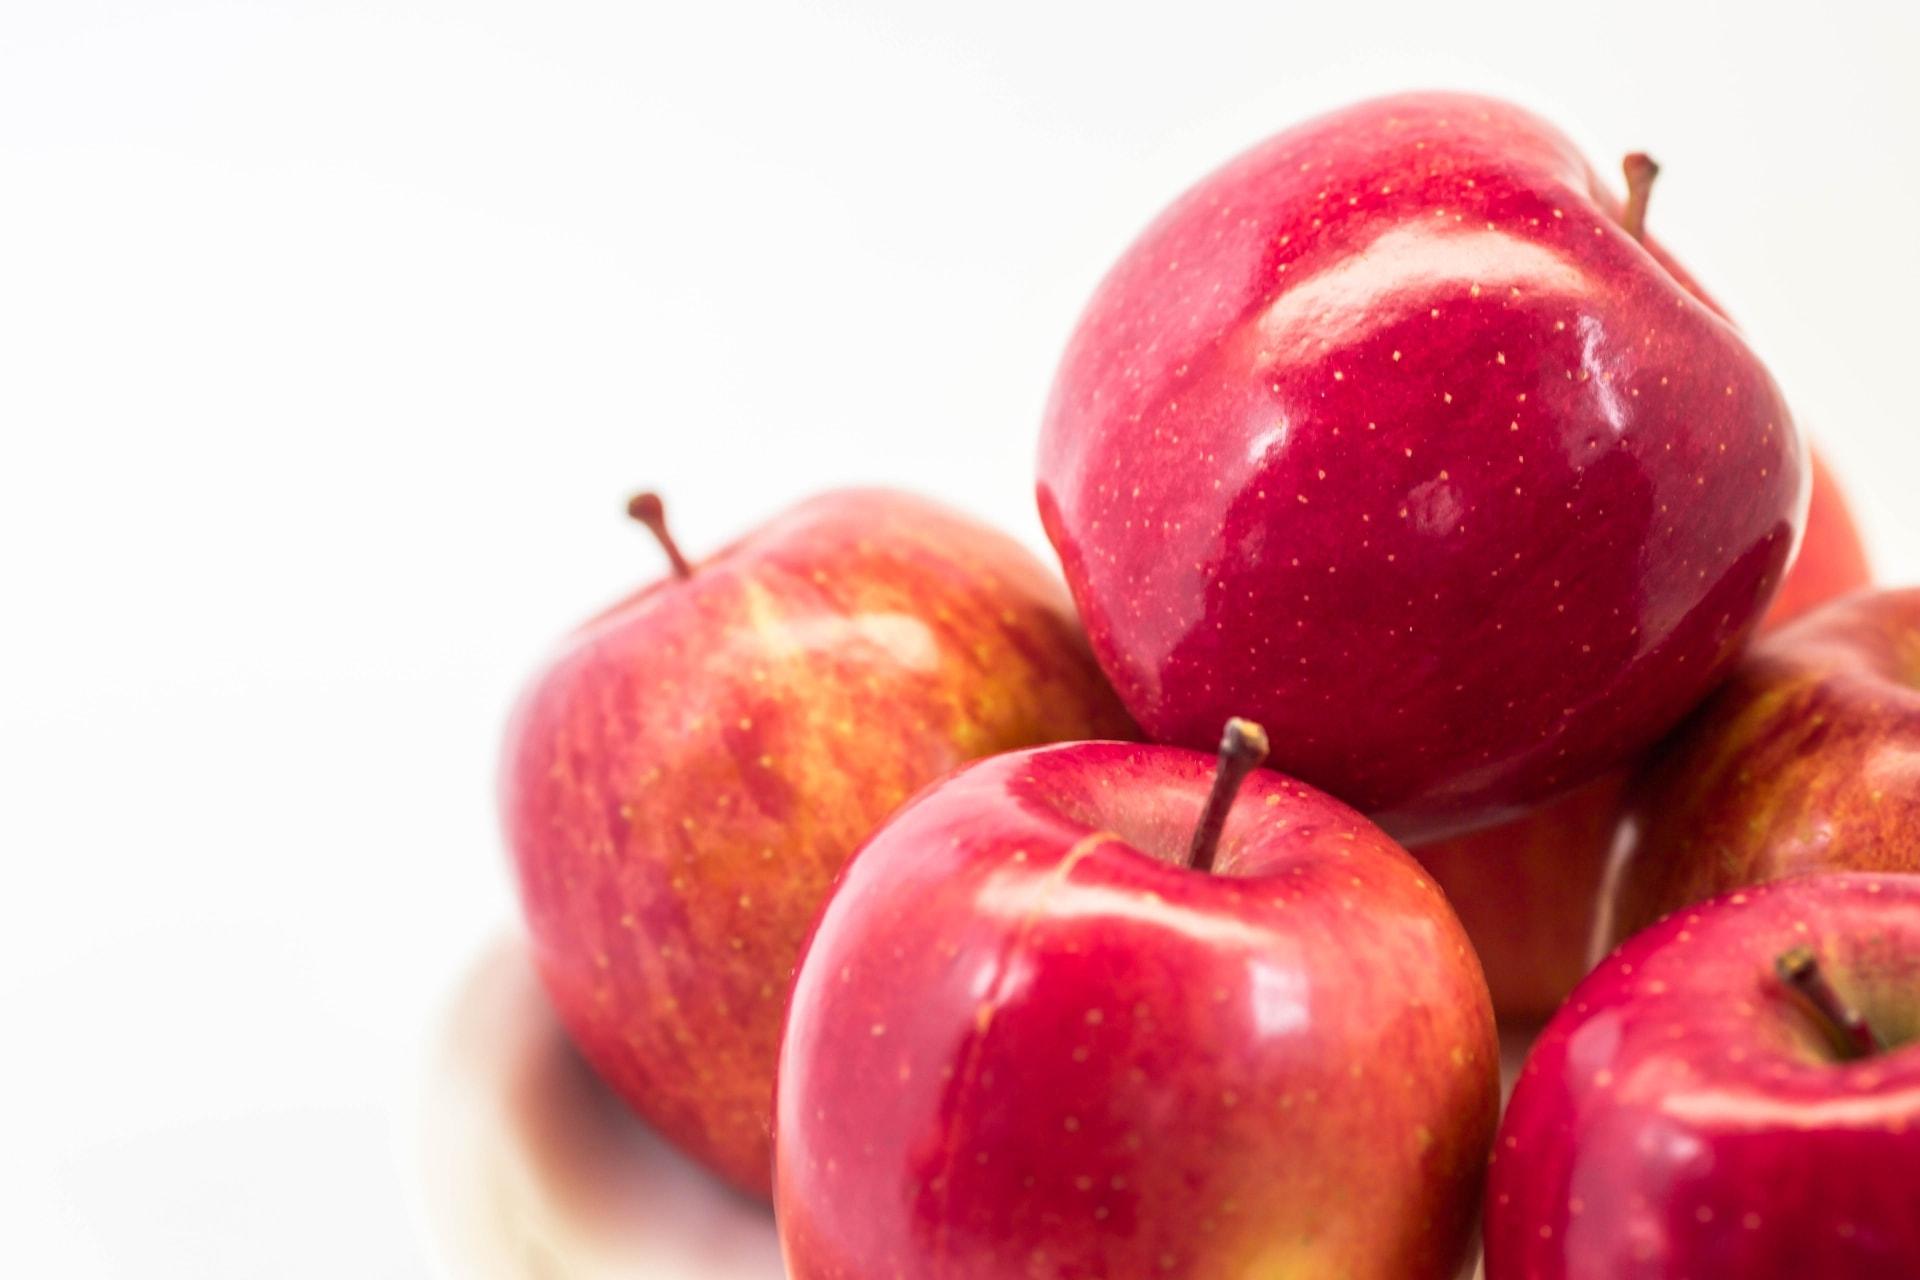 凄い!秘めたるリンゴの力を知っていますか?